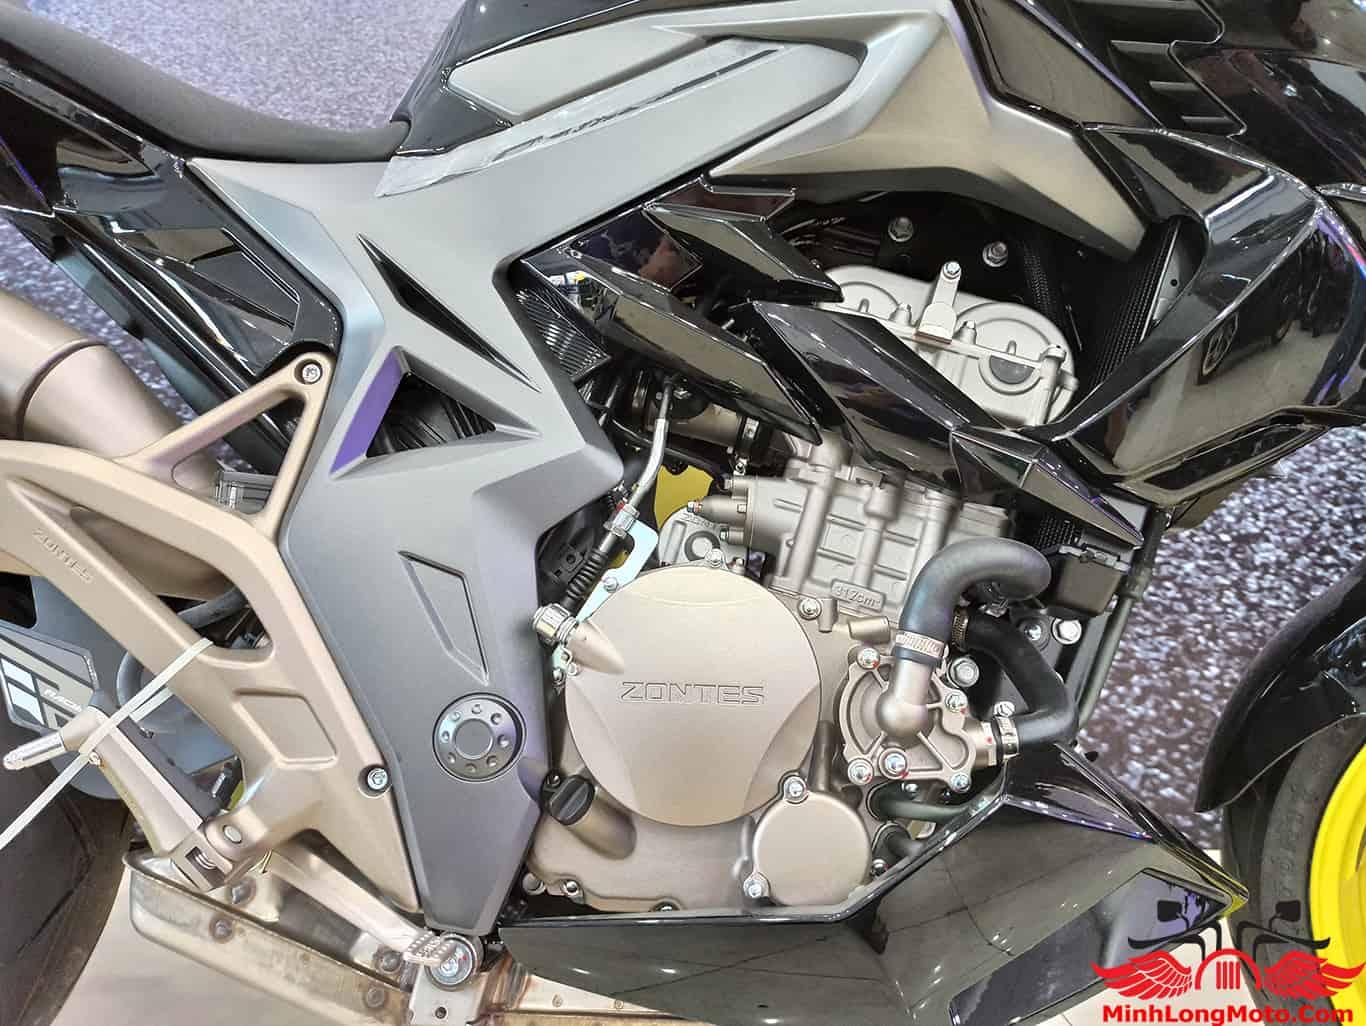 Động cơ xe Zontes 310 R 1